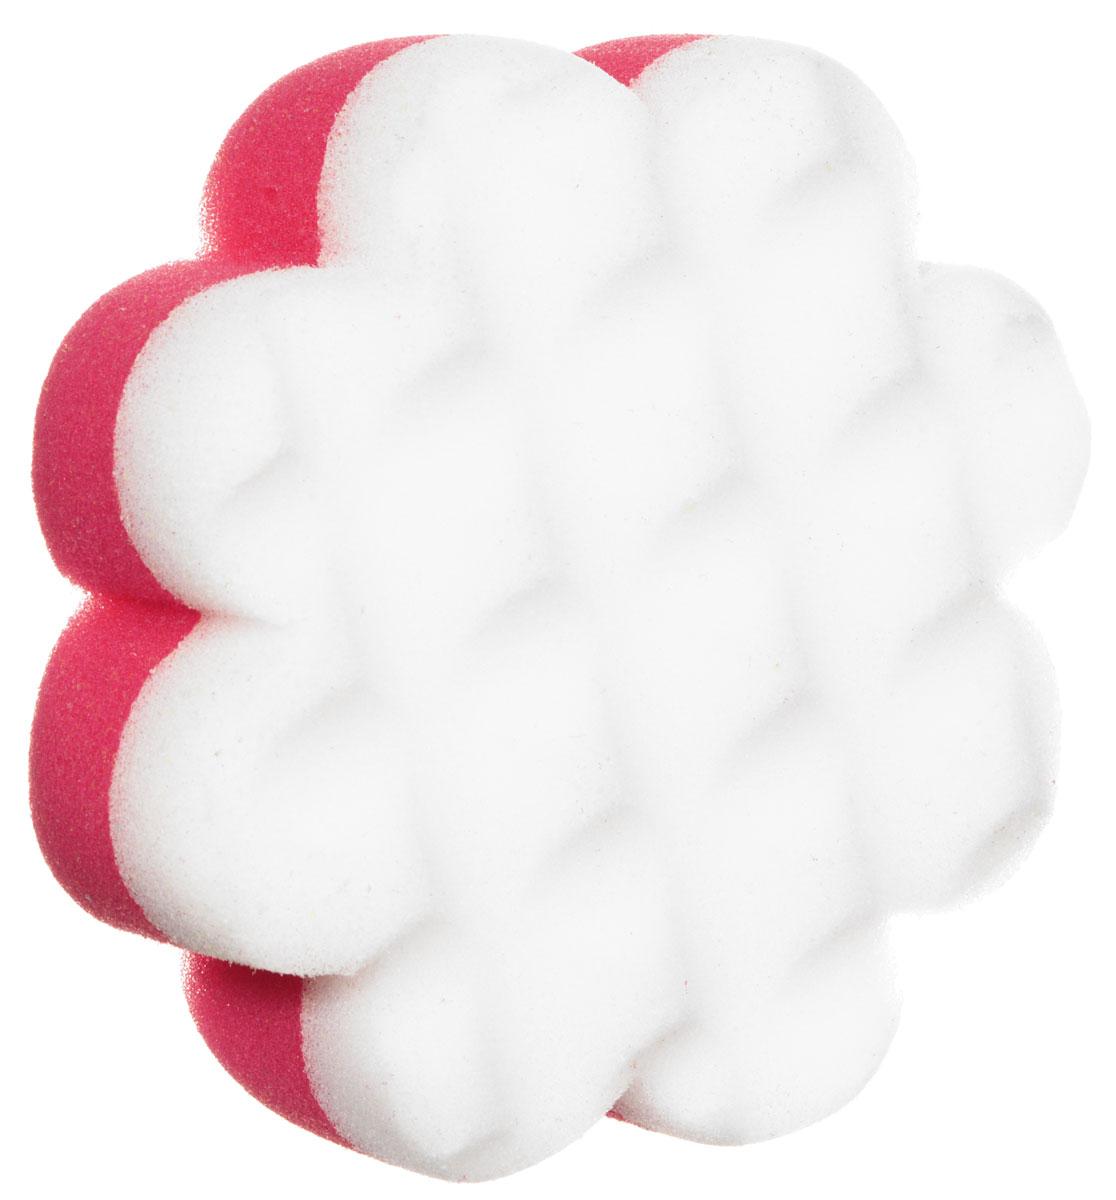 Курносики Мочалка с массажным слоем Цветок цвет розовый белый курносики мочалка с массажным слоем рыбка цвет голубой белый